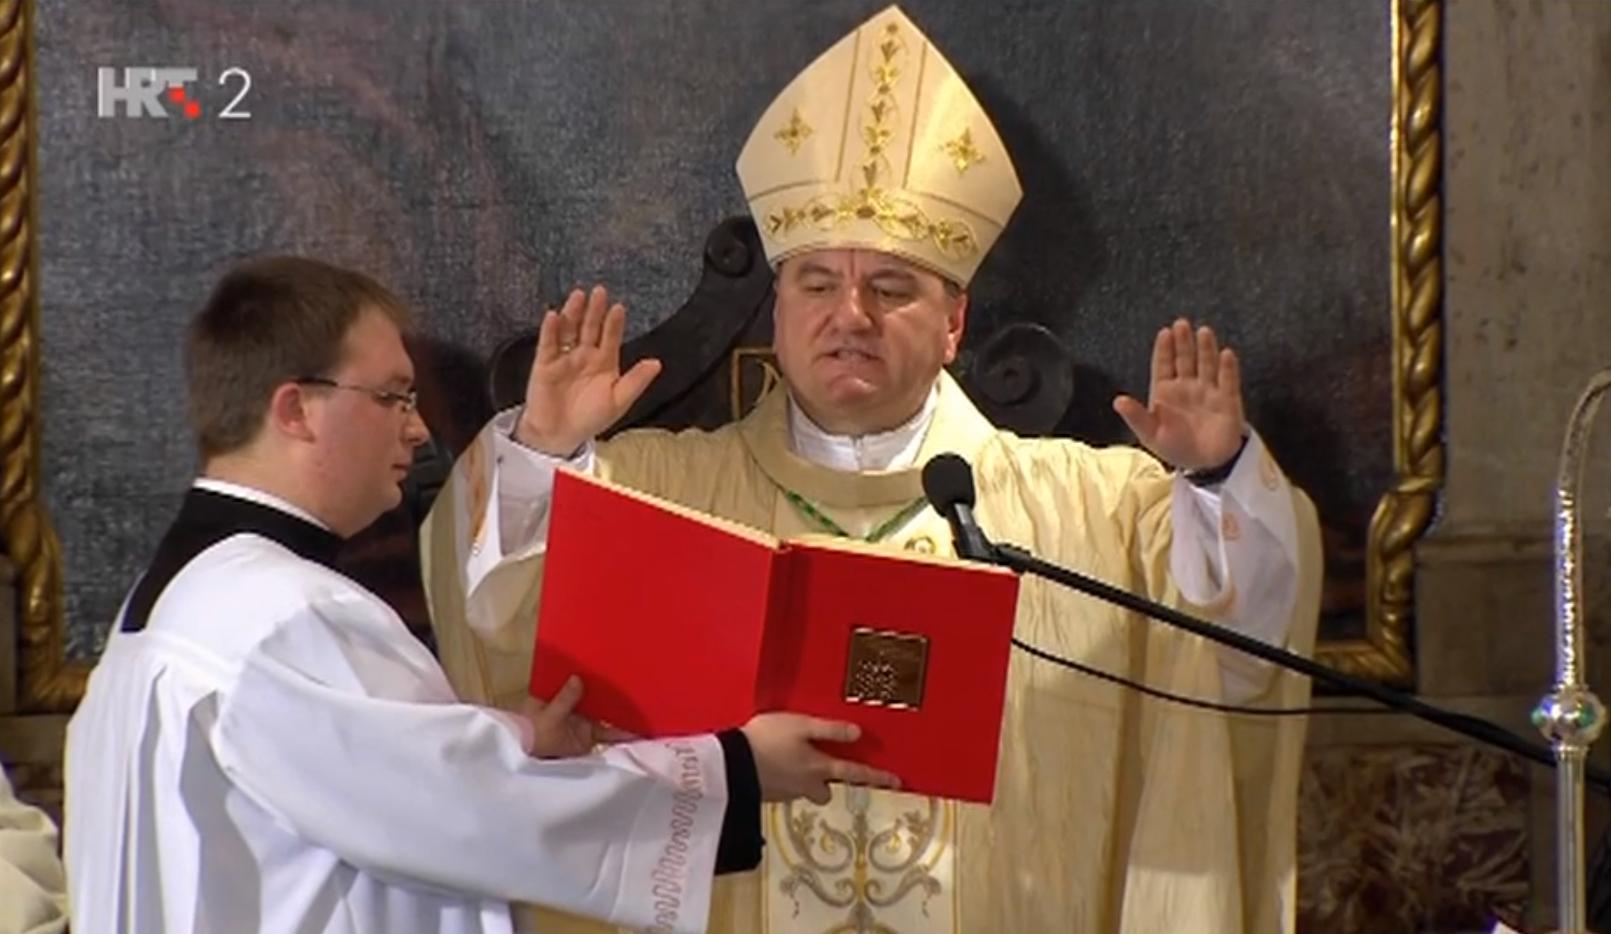 Mons. Petar Palić u dubrovačkoj katedrali: Biskup koji plaši vjernike sekularizmom u sekularnoj državi!?